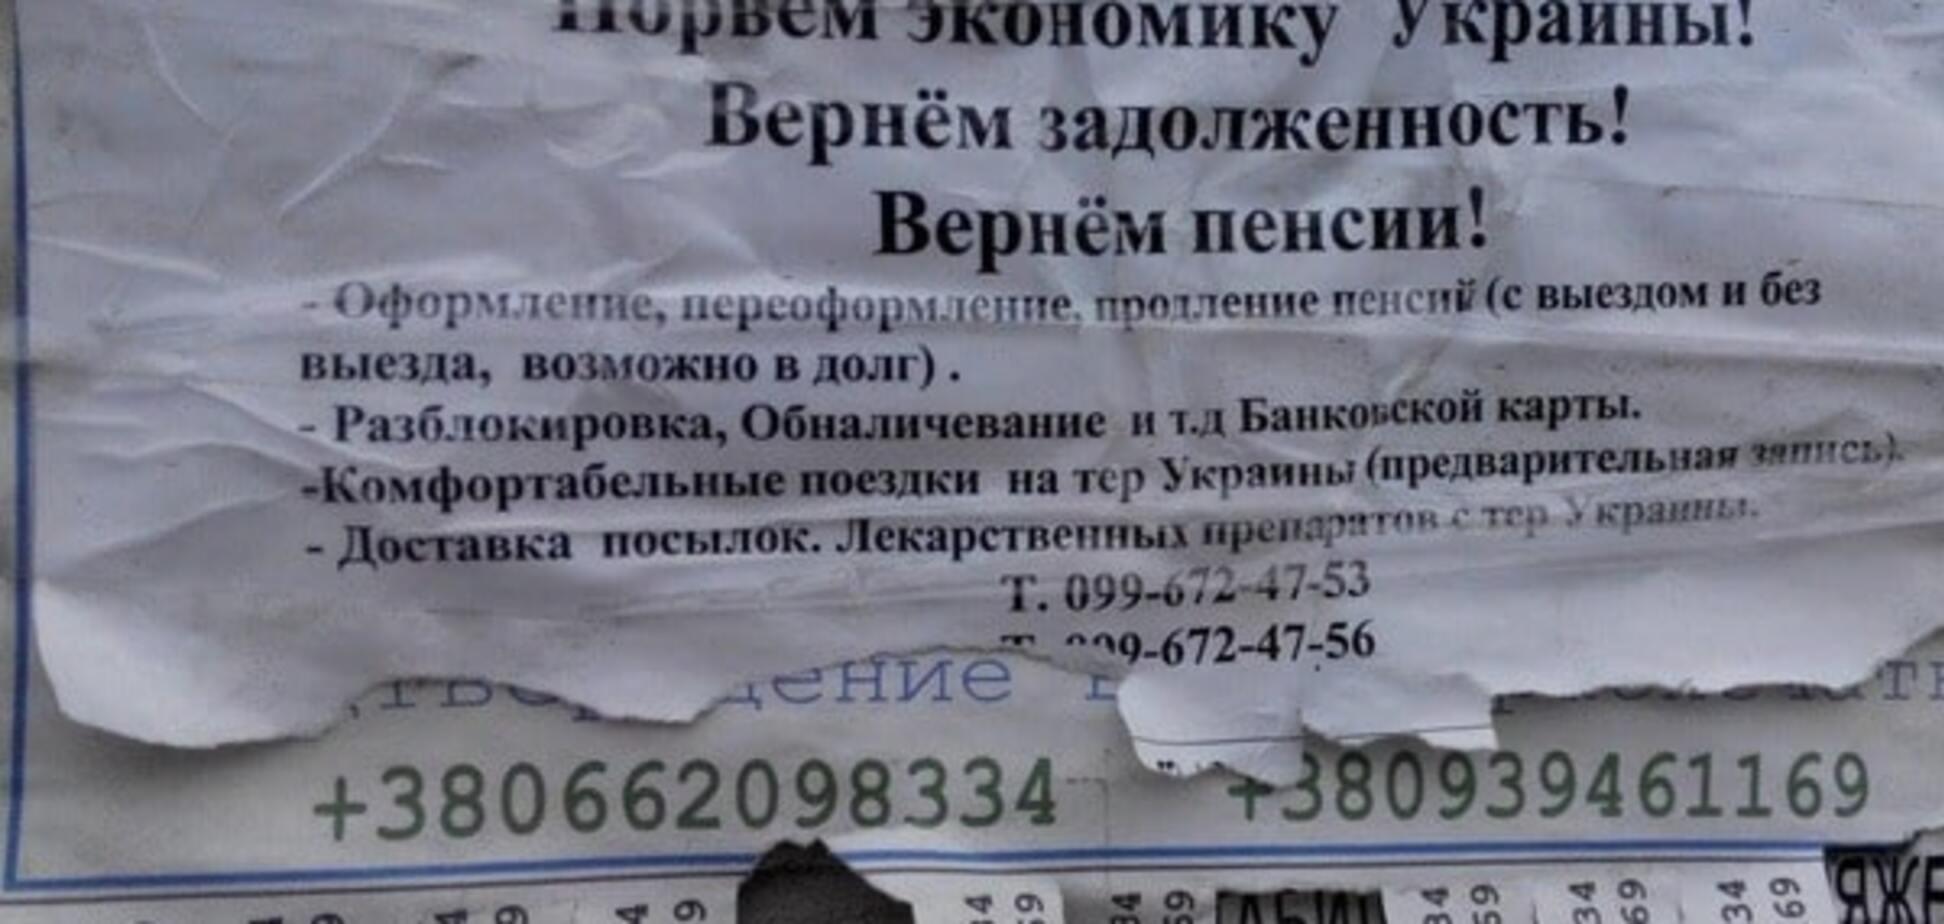 В Донецьку закликали пенсіонерів шахраювати з виплатами